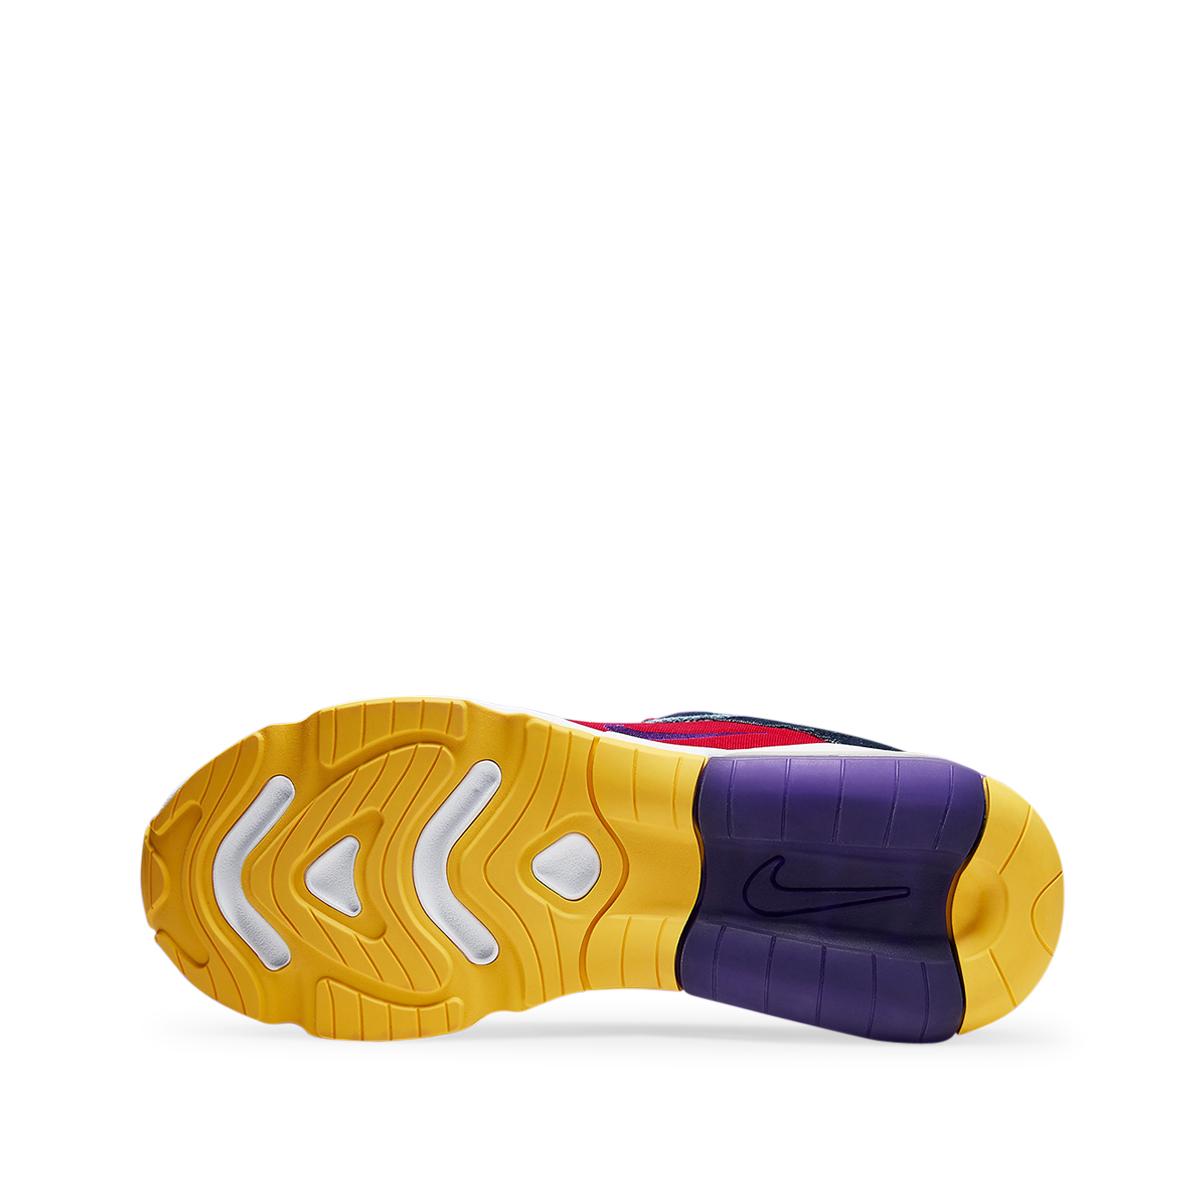 Nike Air Max 200 SP